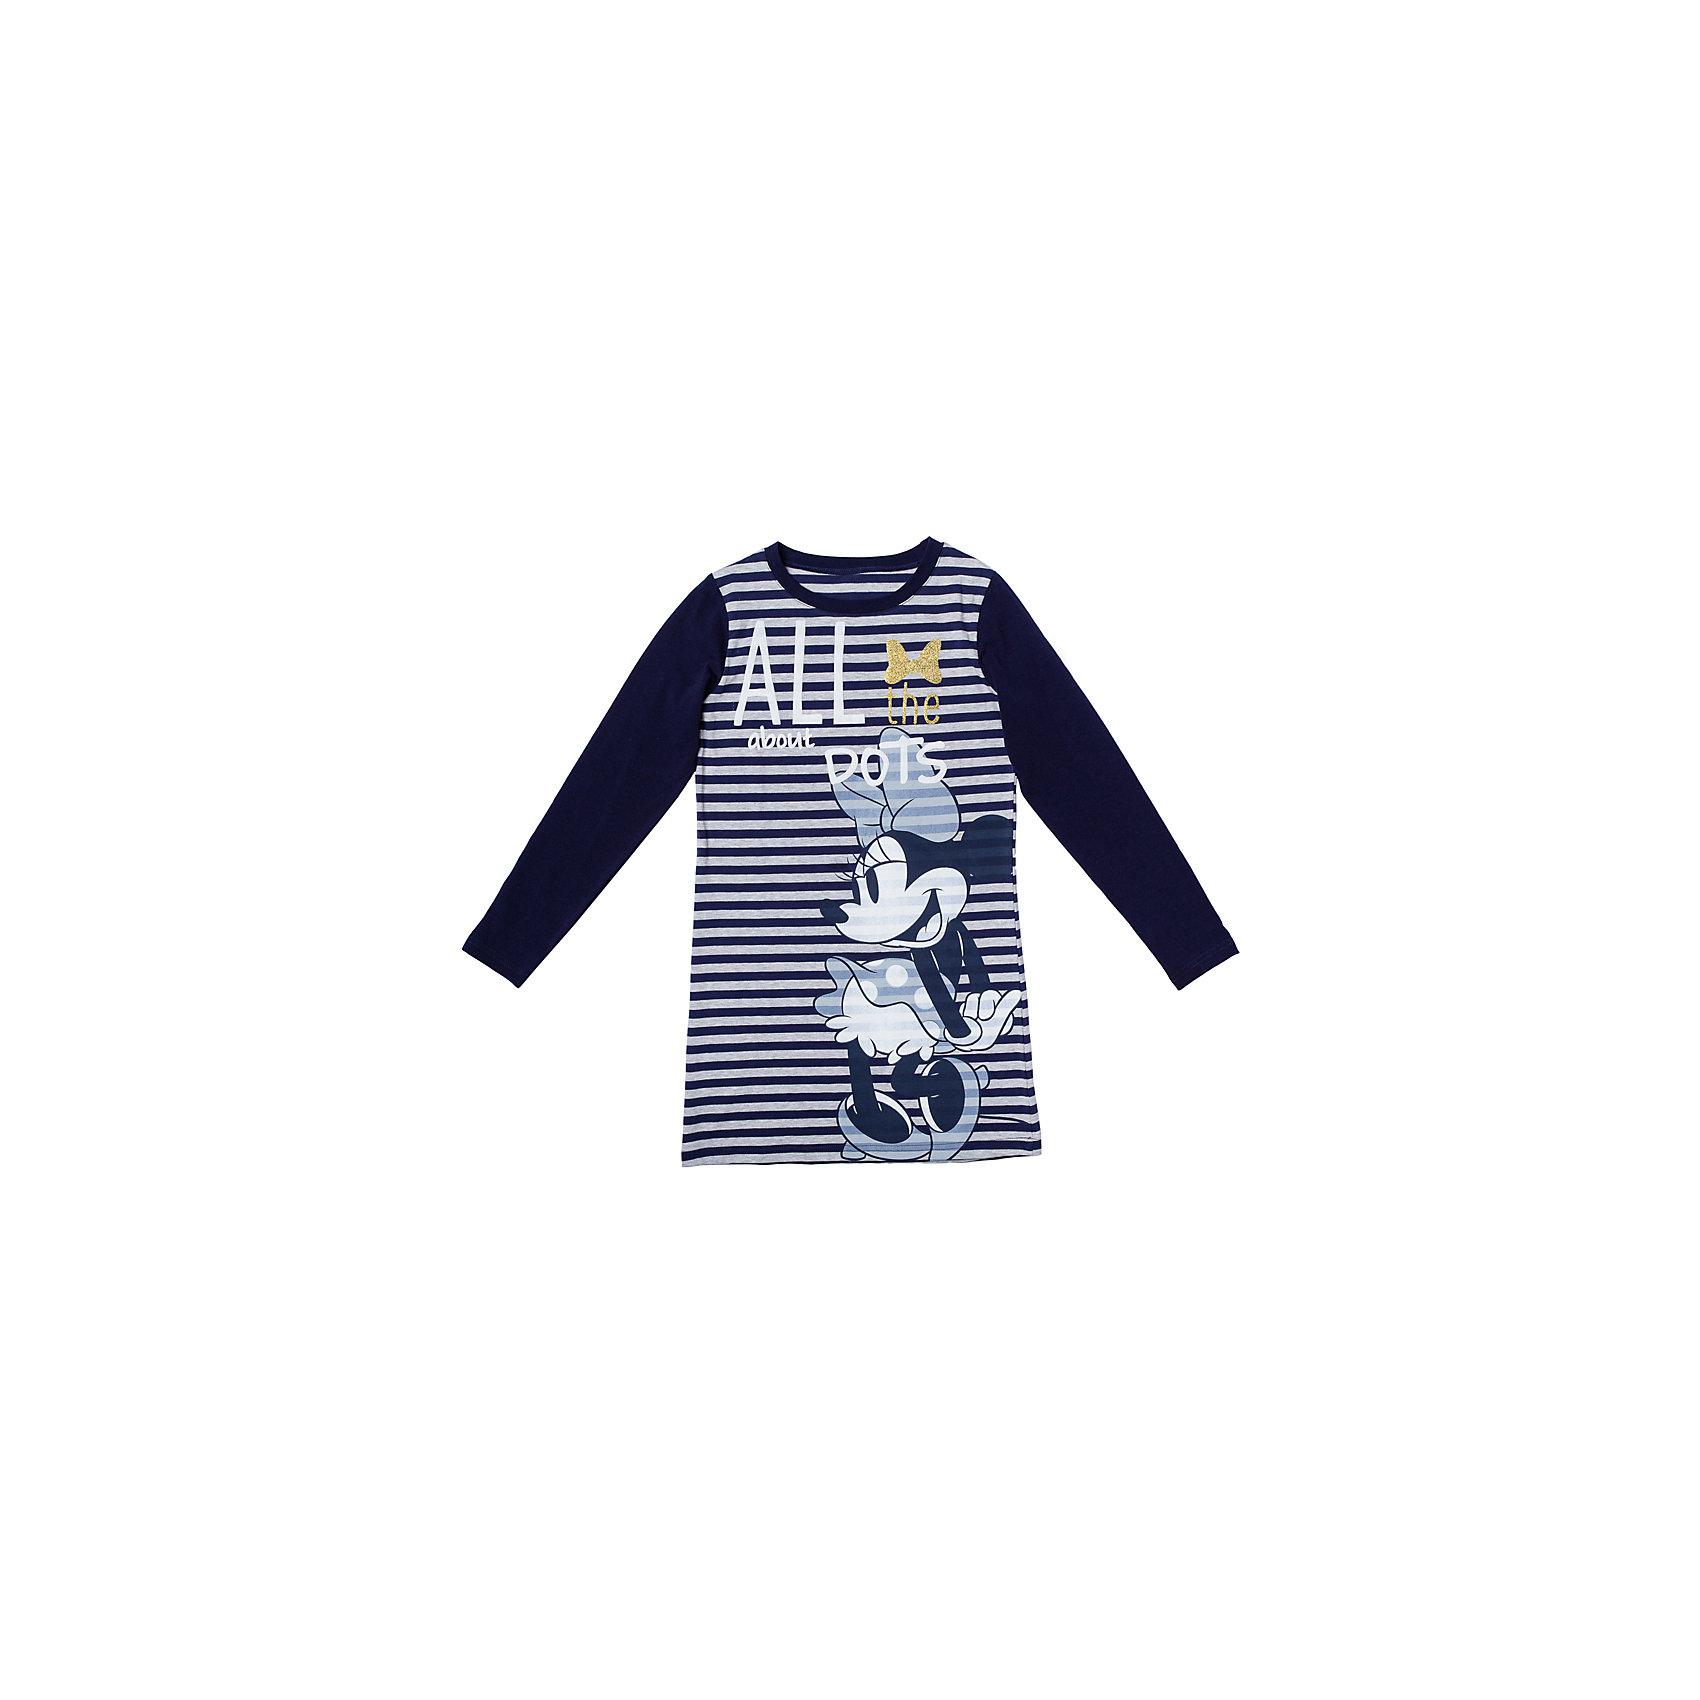 Платье для девочки ScoolПлатье для девочки Scool<br>Платье прямого кроя с округлым вырезом у горловины будет прекрасным дополнением детского гардероба. Трикотаж - yarn dyed - в процессе производства в полотне используются разного цвета нити. Тем самым платье, при рекомендуемом уходе, не линяет и надолго остается в прежнем виде, это определенный знак качества. Модель декорирована ярким принтом.Преимущества: Метод производства - YARN DYEDСвободный крой не сковывает движений ребенкаМатериал приятен к телу и не вызывает раздражений<br>Состав:<br>95% хлопок, 5% эластан<br><br>Ширина мм: 236<br>Глубина мм: 16<br>Высота мм: 184<br>Вес г: 177<br>Цвет: разноцветный<br>Возраст от месяцев: 156<br>Возраст до месяцев: 168<br>Пол: Женский<br>Возраст: Детский<br>Размер: 164,134,140,146,152,158<br>SKU: 5407239